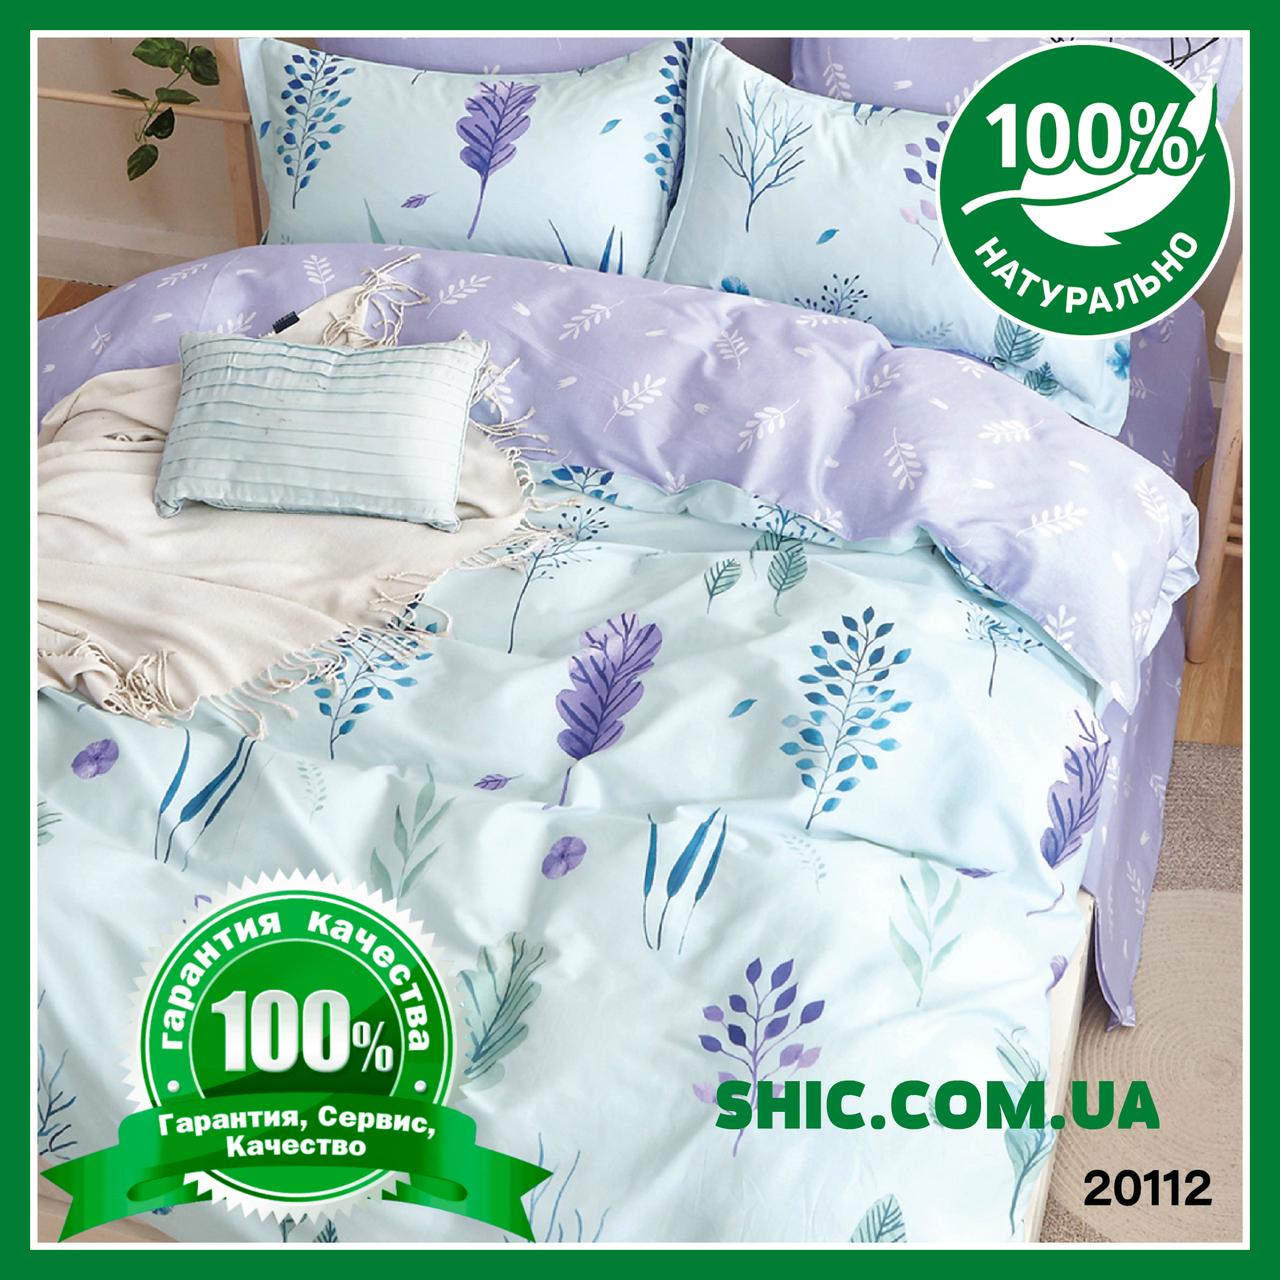 Постельное белье Вилюта (Viluta) ранфорс семейное 20112. Постель Вилюта семья. Комплекты постельного белья.